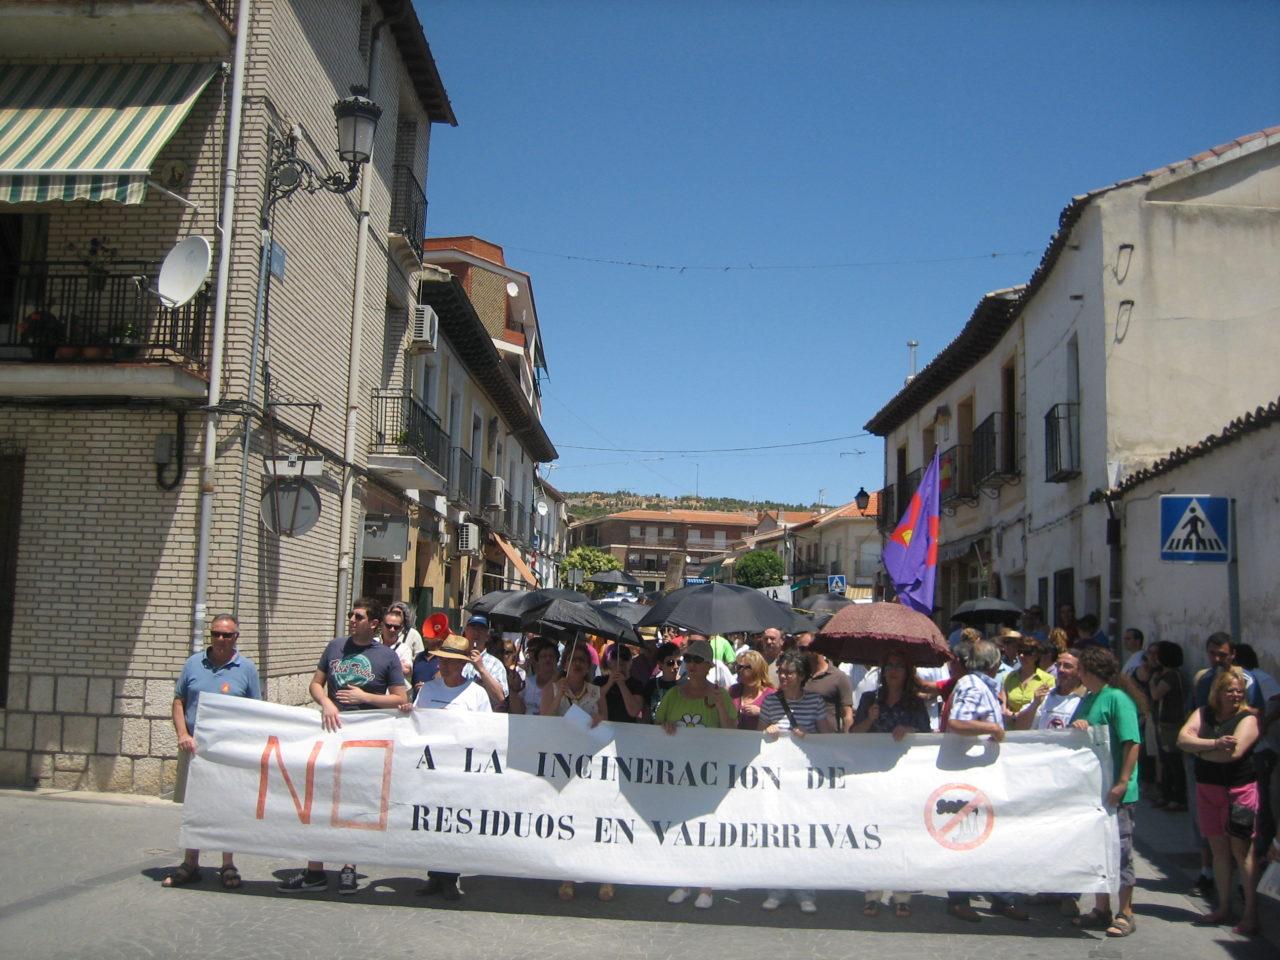 Las plataformas contra la incineración de residuos en cementeras se reúnen en Morata de Tajuña